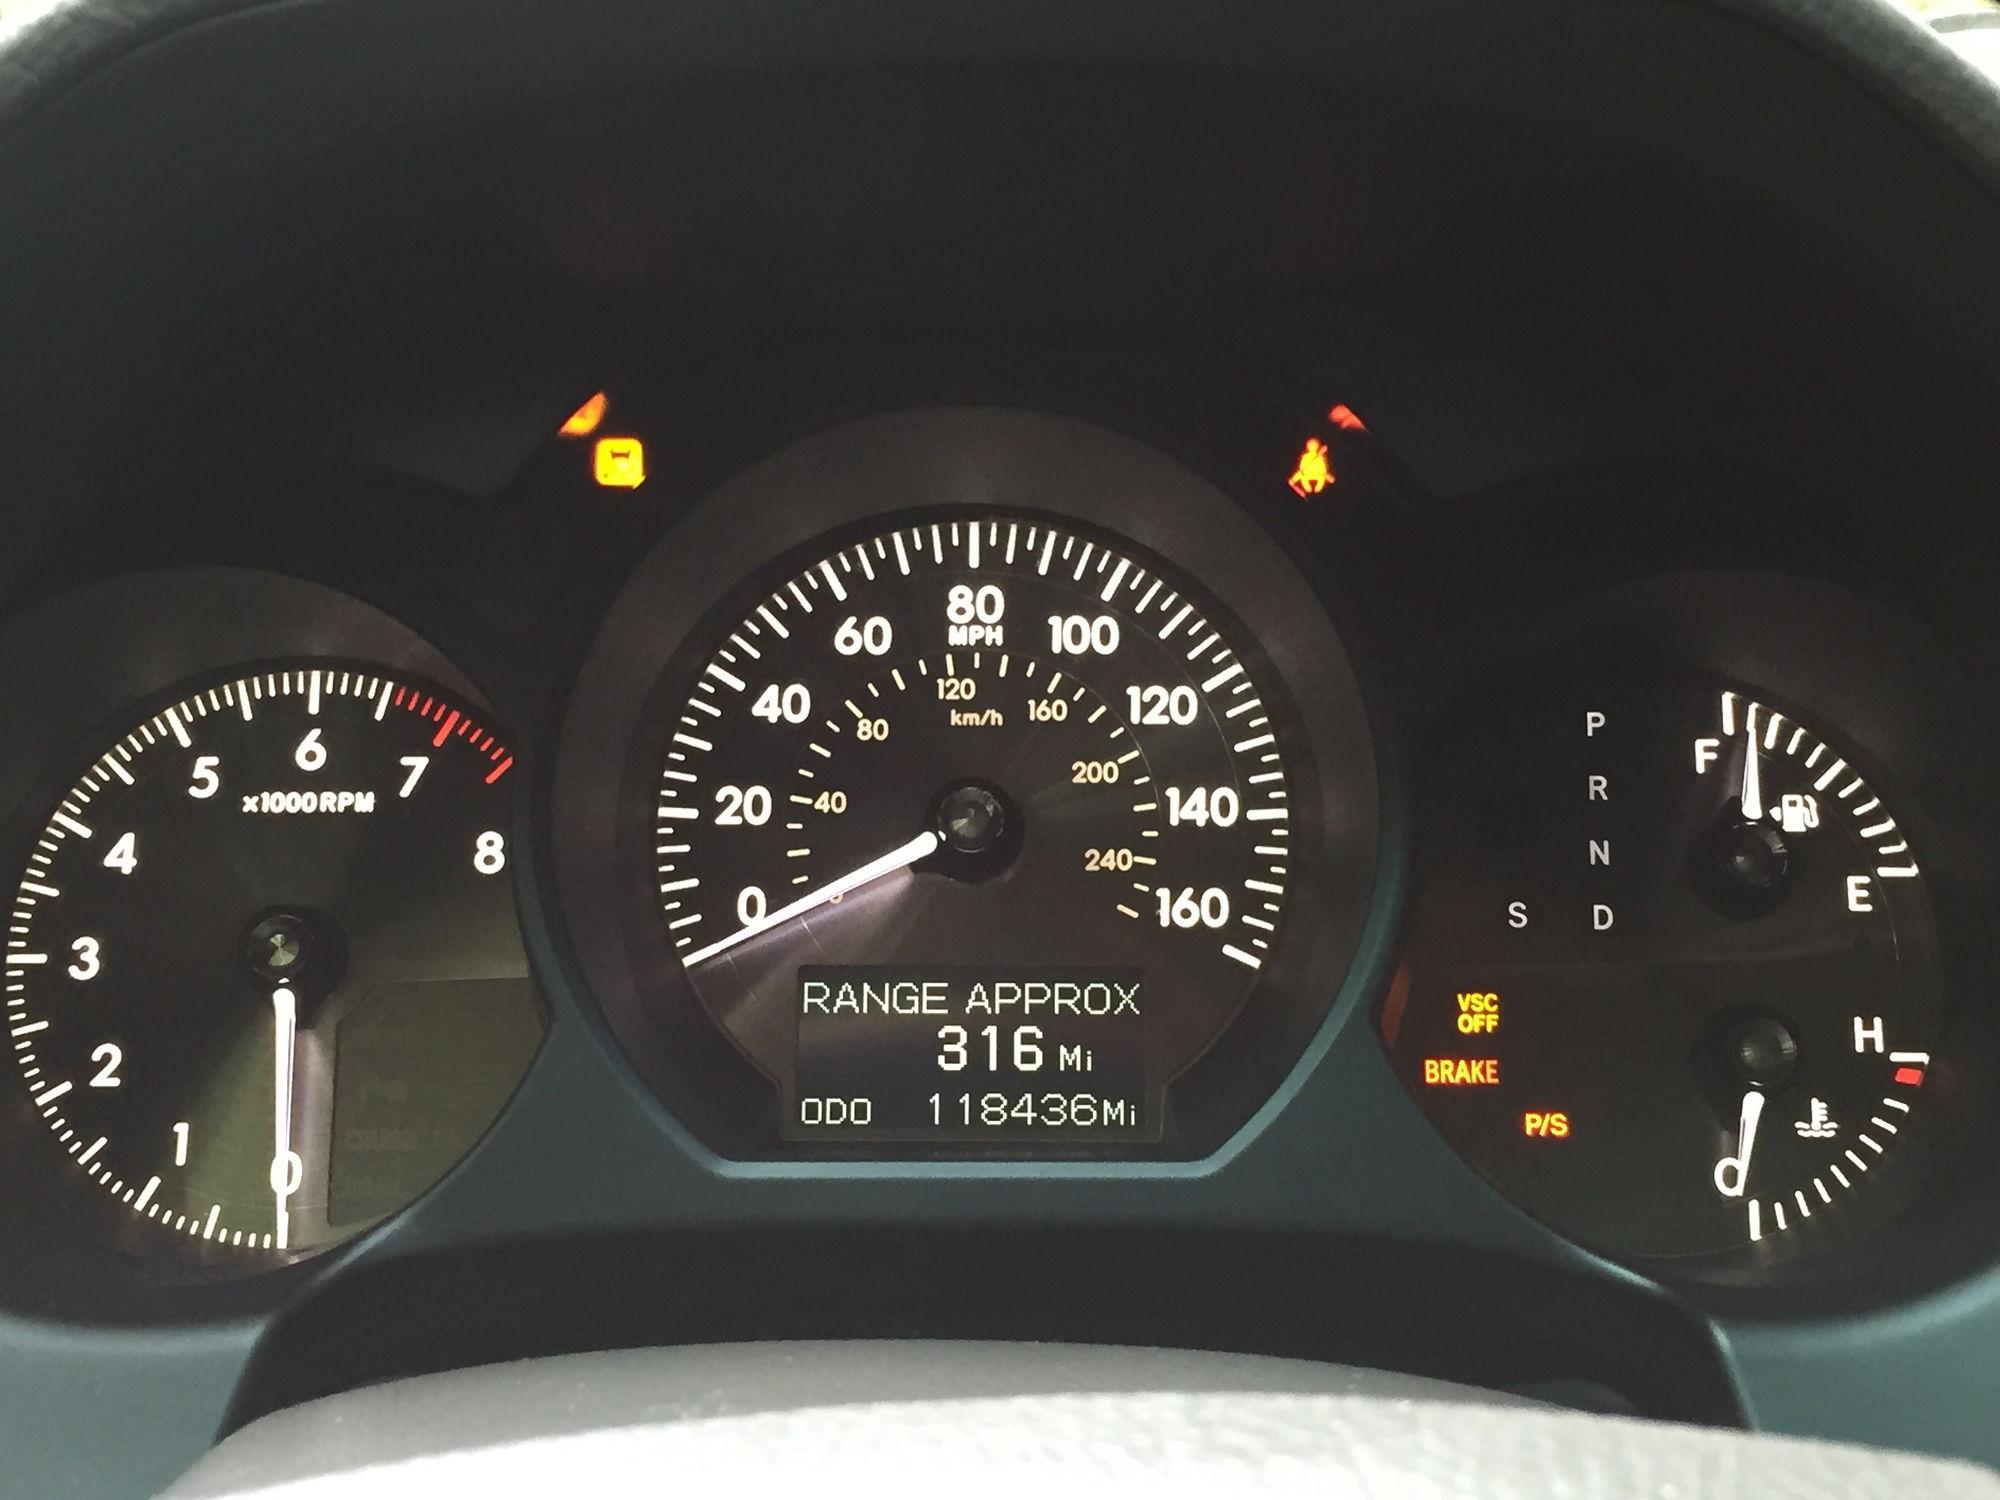 Vsc Light Lexus Is350